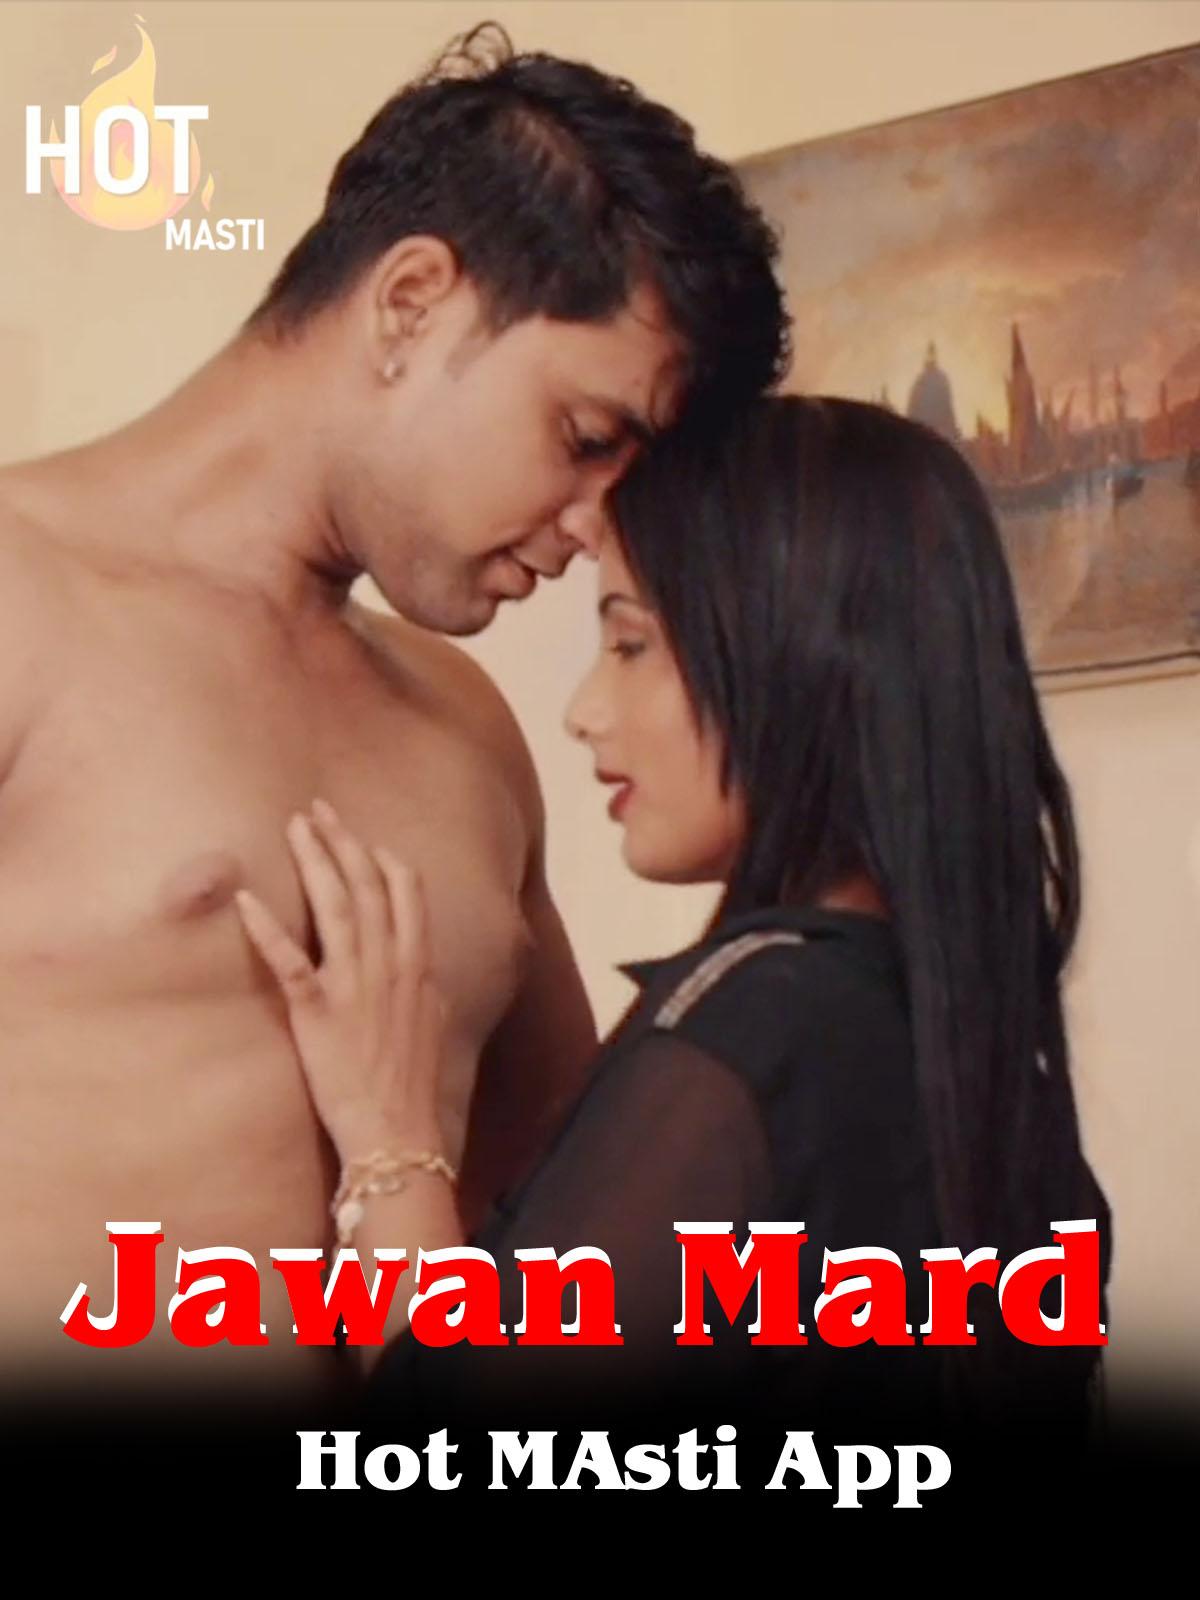 Jawan Mard 2020 S01E01 Hindi Hotmasti Web Series 720p UNRATED HDRip 180MB Download